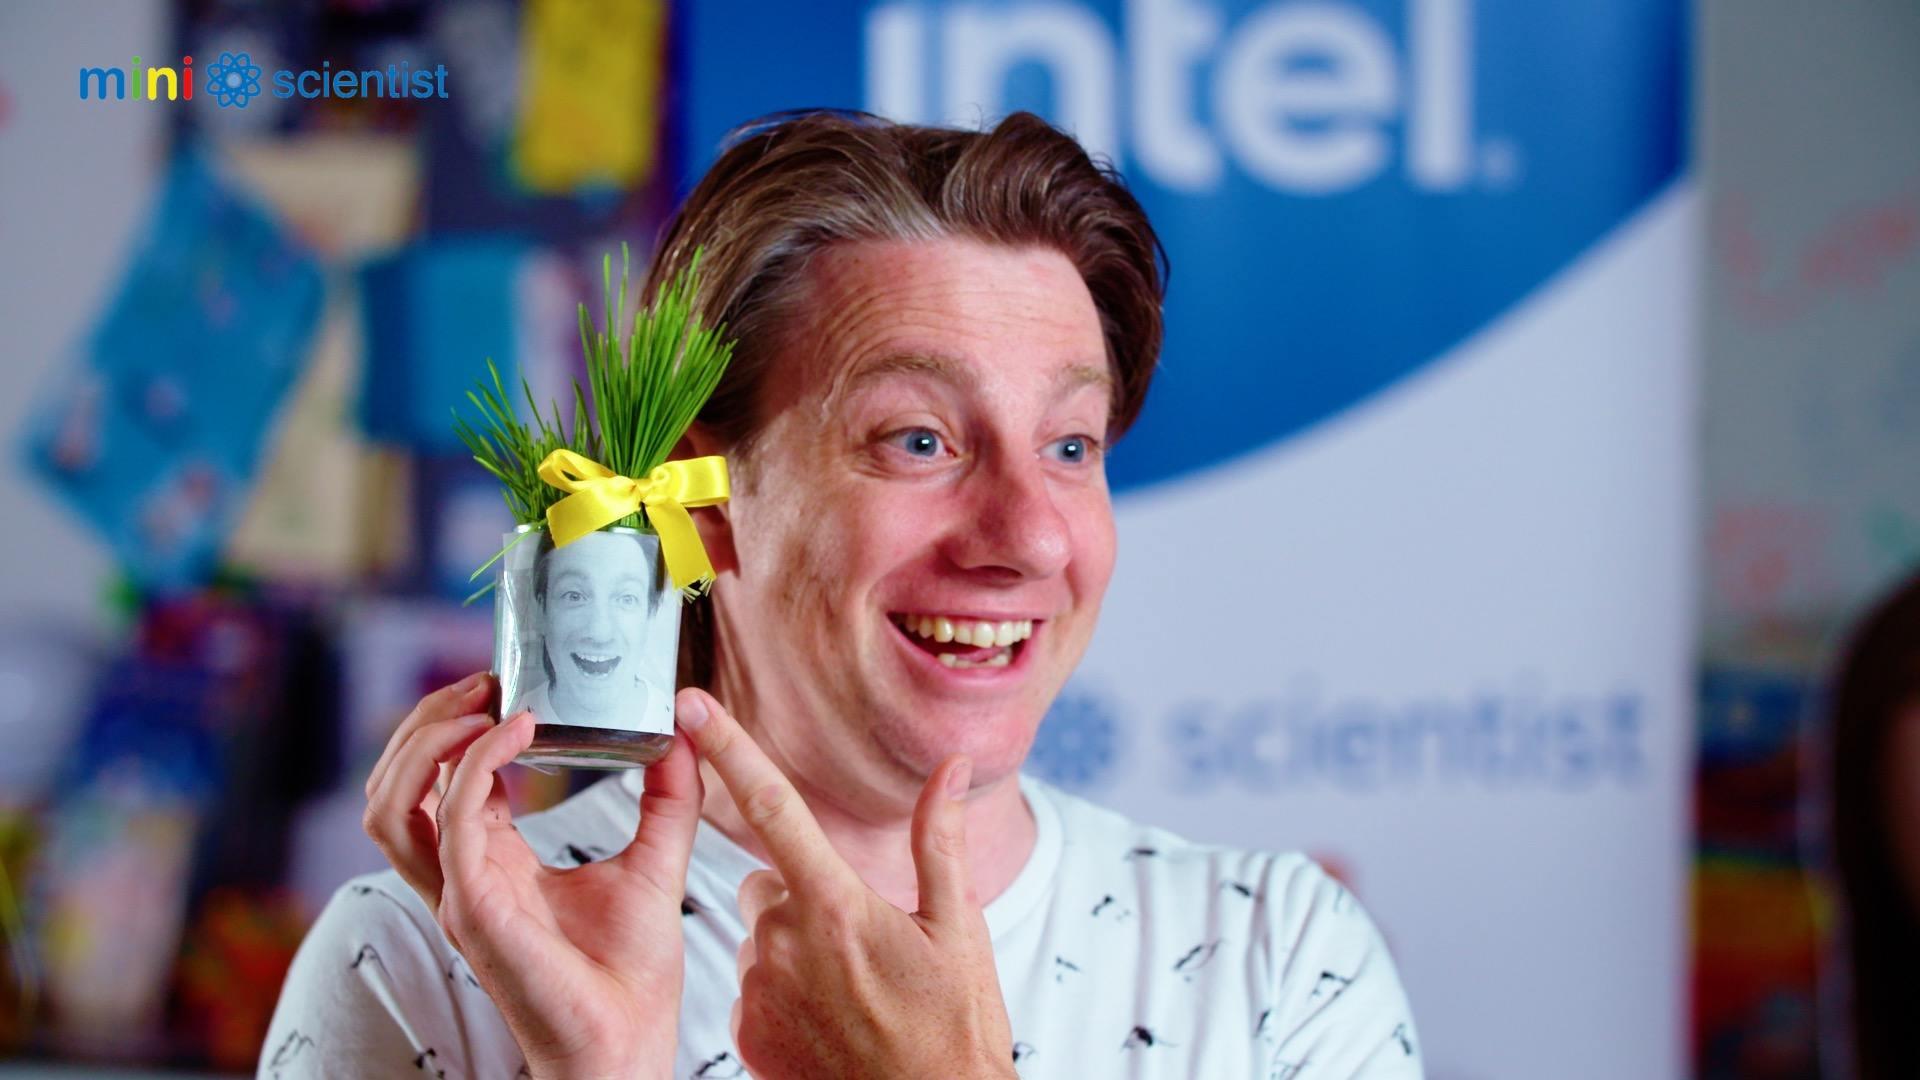 Intel Mini Scientist Wheatgrass